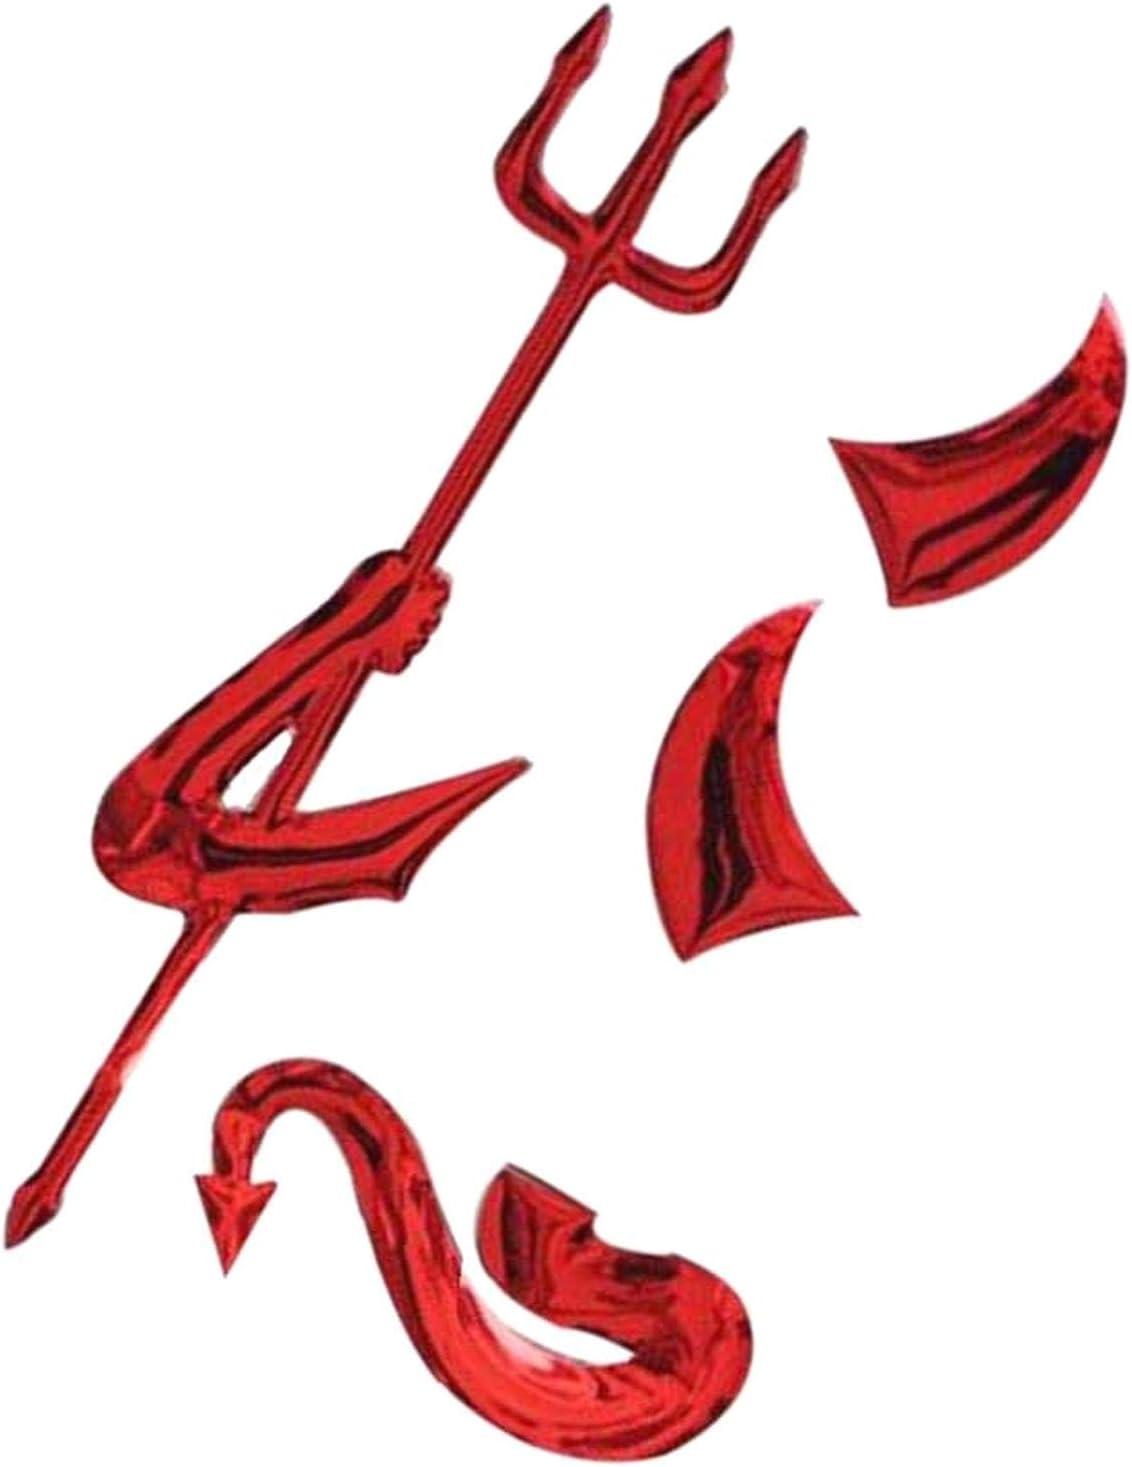 LAQI Rotes Auto Aufkleber 3D Metallbeschichtung Teufel Auto LKW Motor Auto Aufkleber Abzeichen Aufkleber